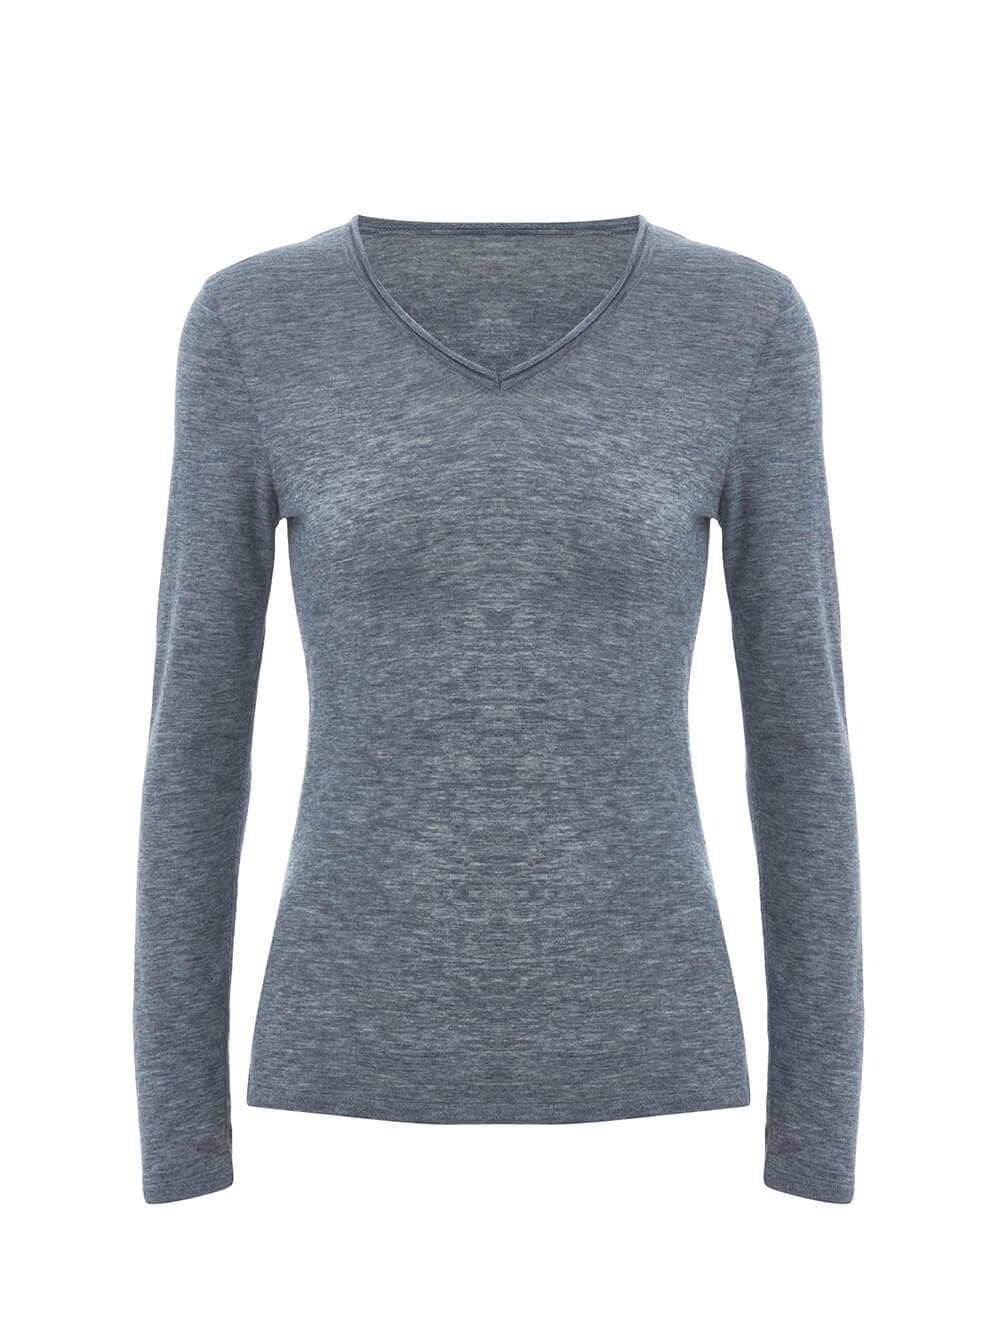 Женский джемпер светло-серого цвета из 100% шерсти - фото 1